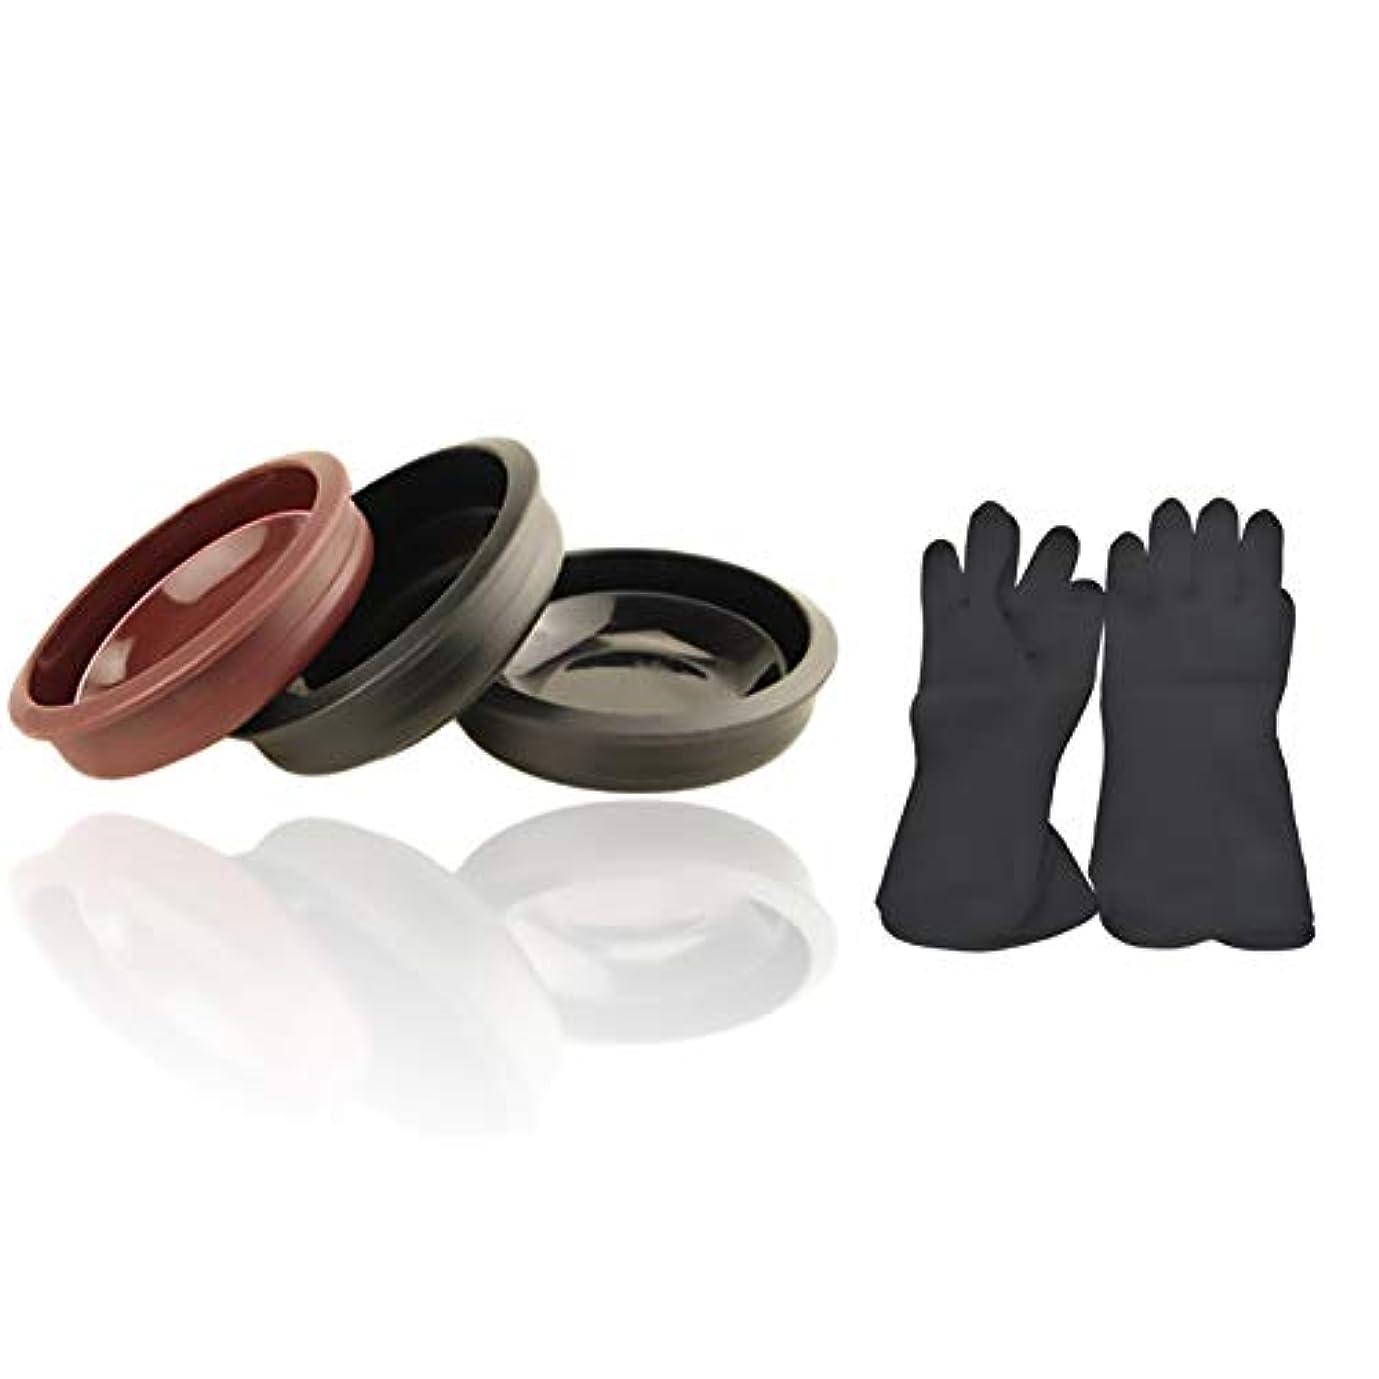 格差昆虫換気するTofover 3ピースヘアカラーミキシングボウルと20カウントヘアダイ手袋、黒の再利用可能なゴム手袋、ヘアサロンヘア染色のためのプロのヘアカラーツールキット